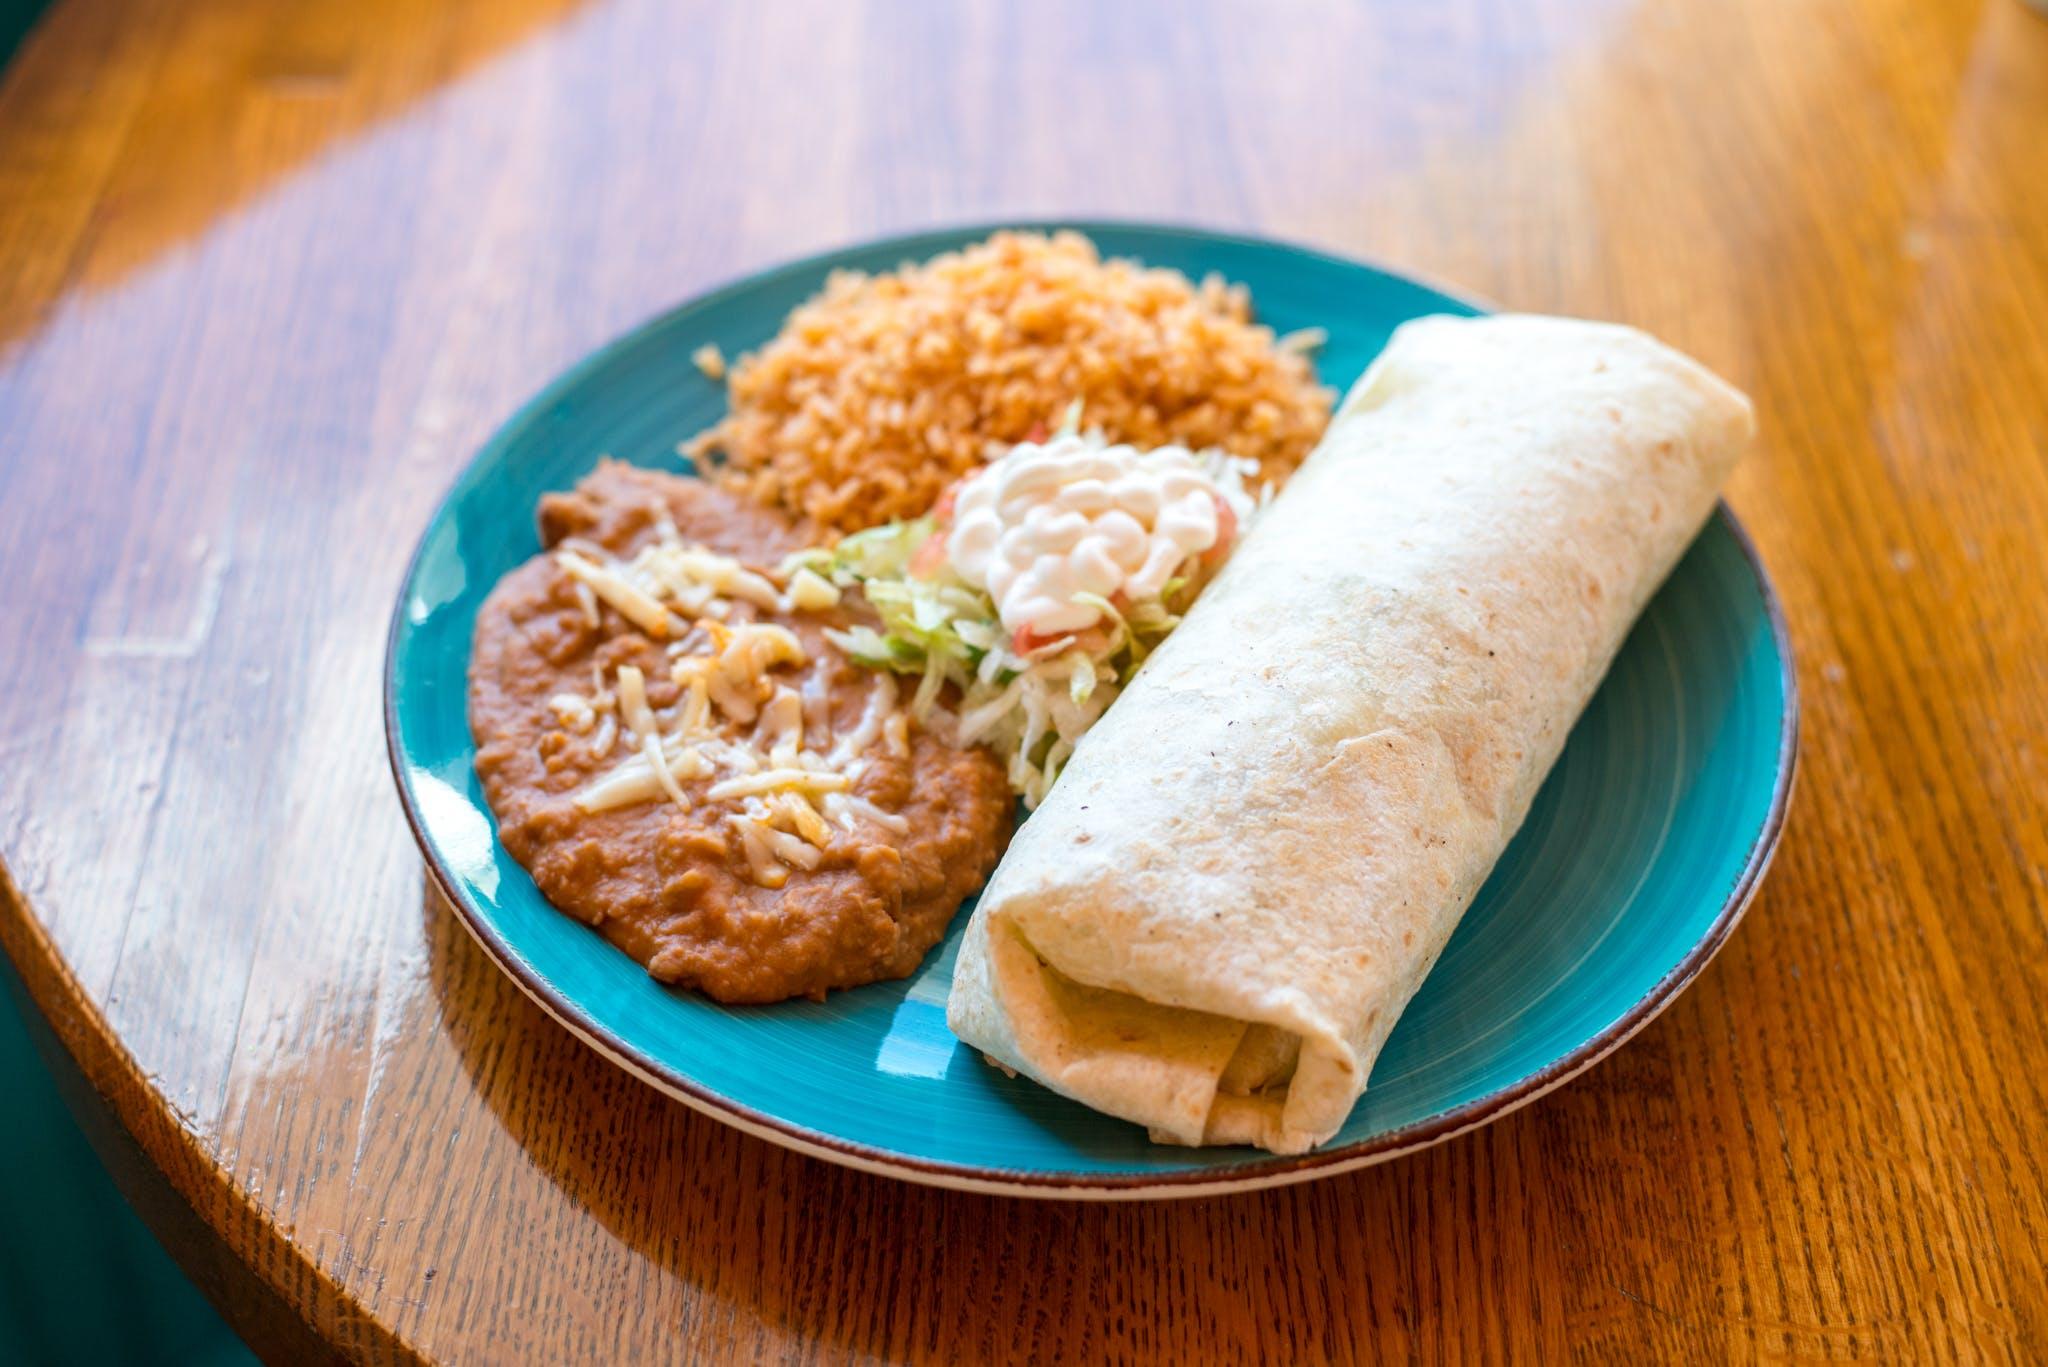 Americano Burrito from Taqueria Maldonado's - Main Street in Green Bay, WI